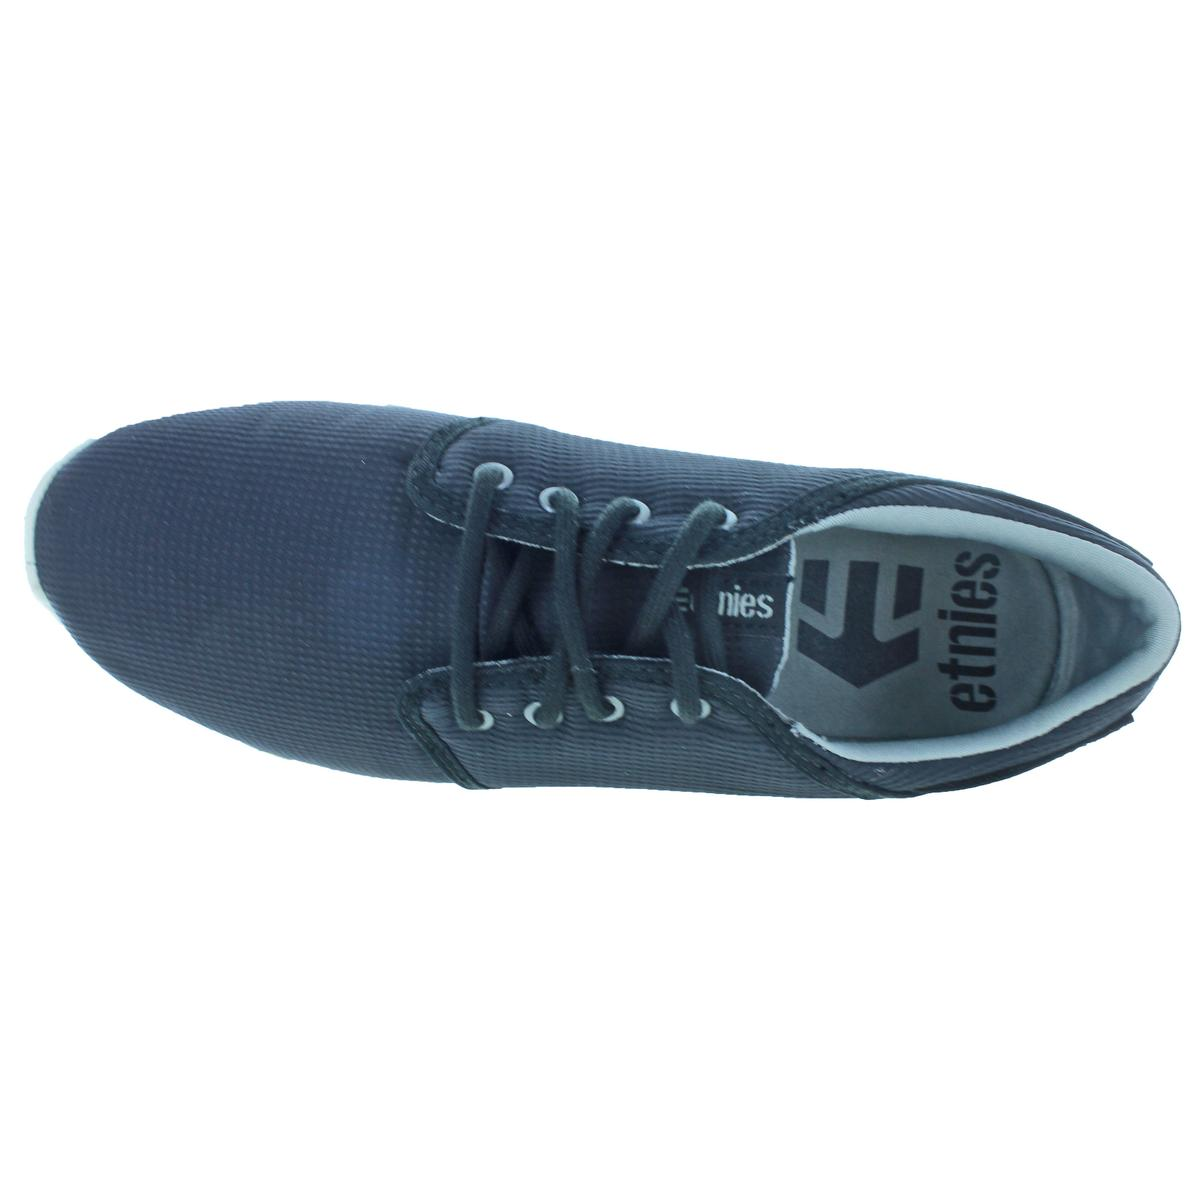 Etnies-Scout-Hommes-Leger-Athletique-Baskets-Chaussures miniature 7